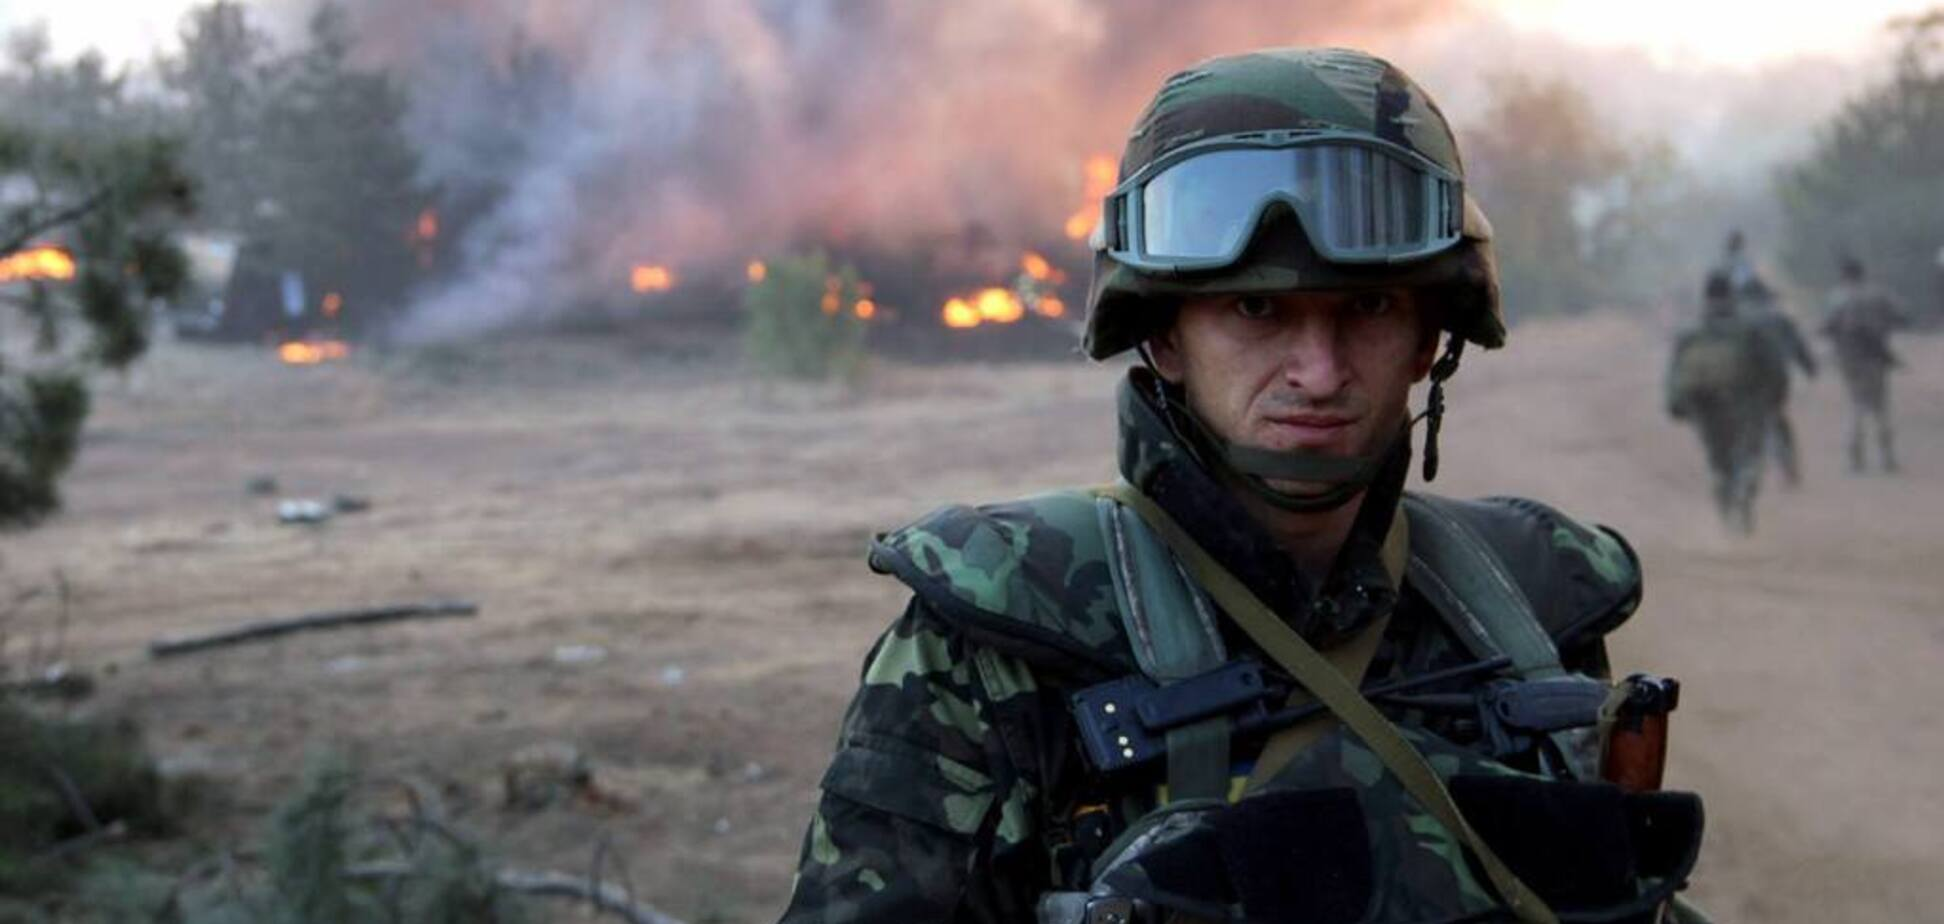 Фильм 'Иловайск 2014': трейлер, смотреть онлайн, дата выхода